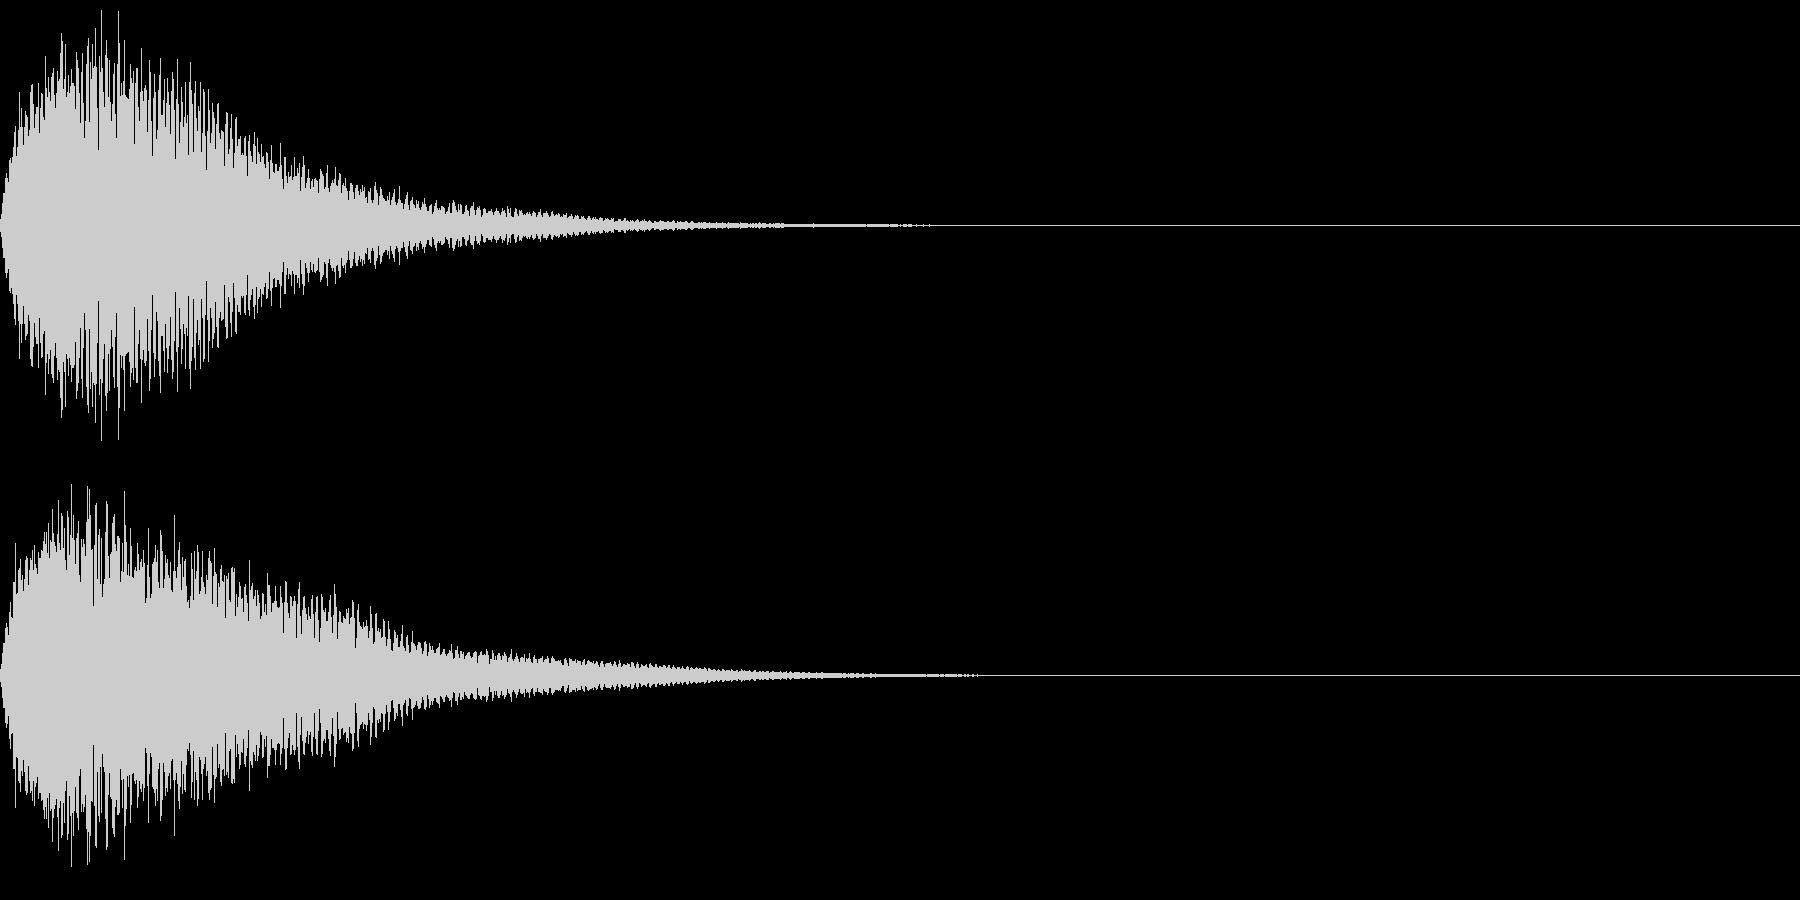 キュイン ボタン ピキーン キーン 3の未再生の波形